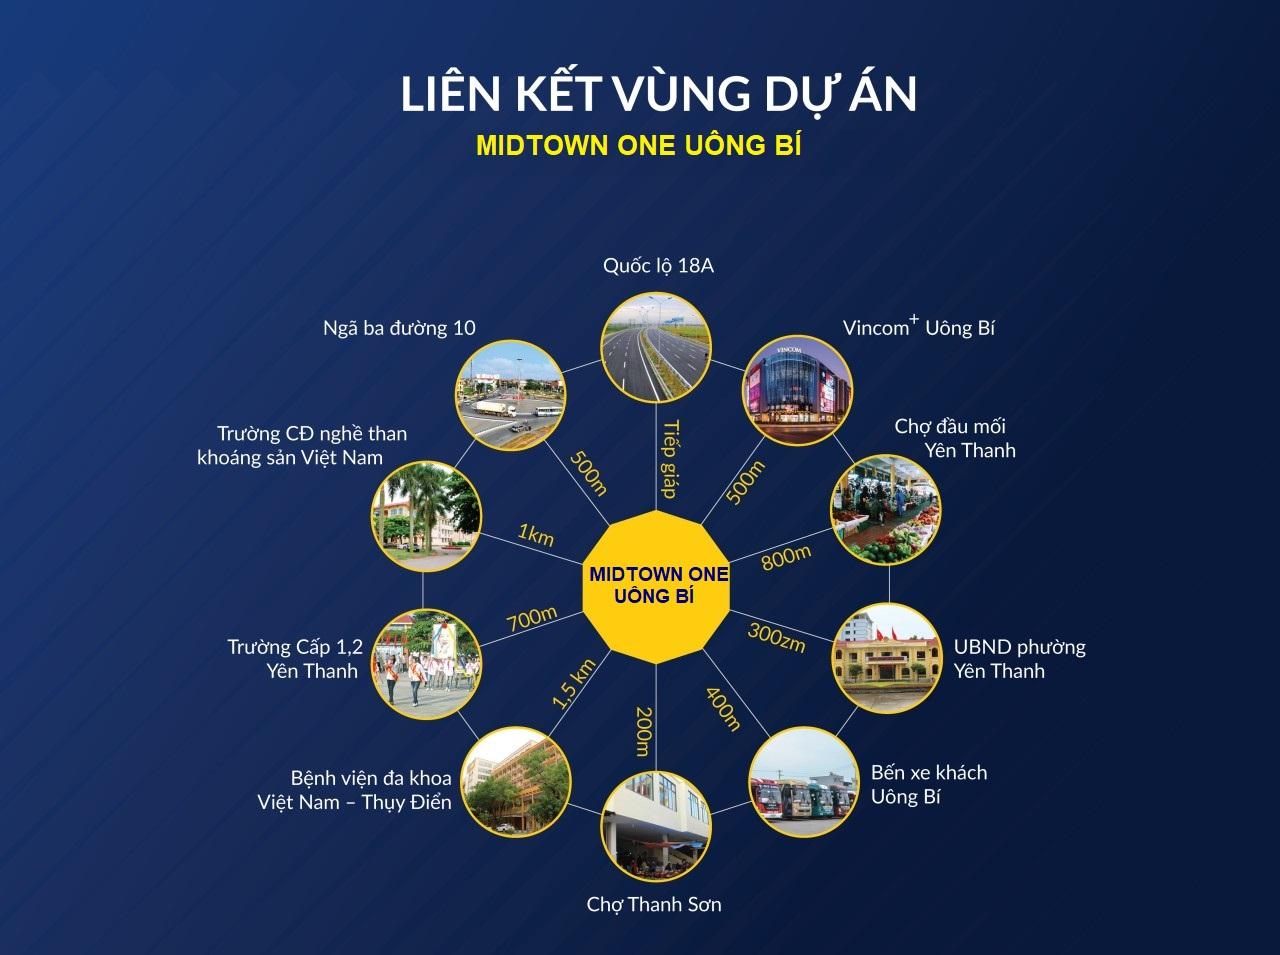 Liên kết vùng Midtown Uông Bí